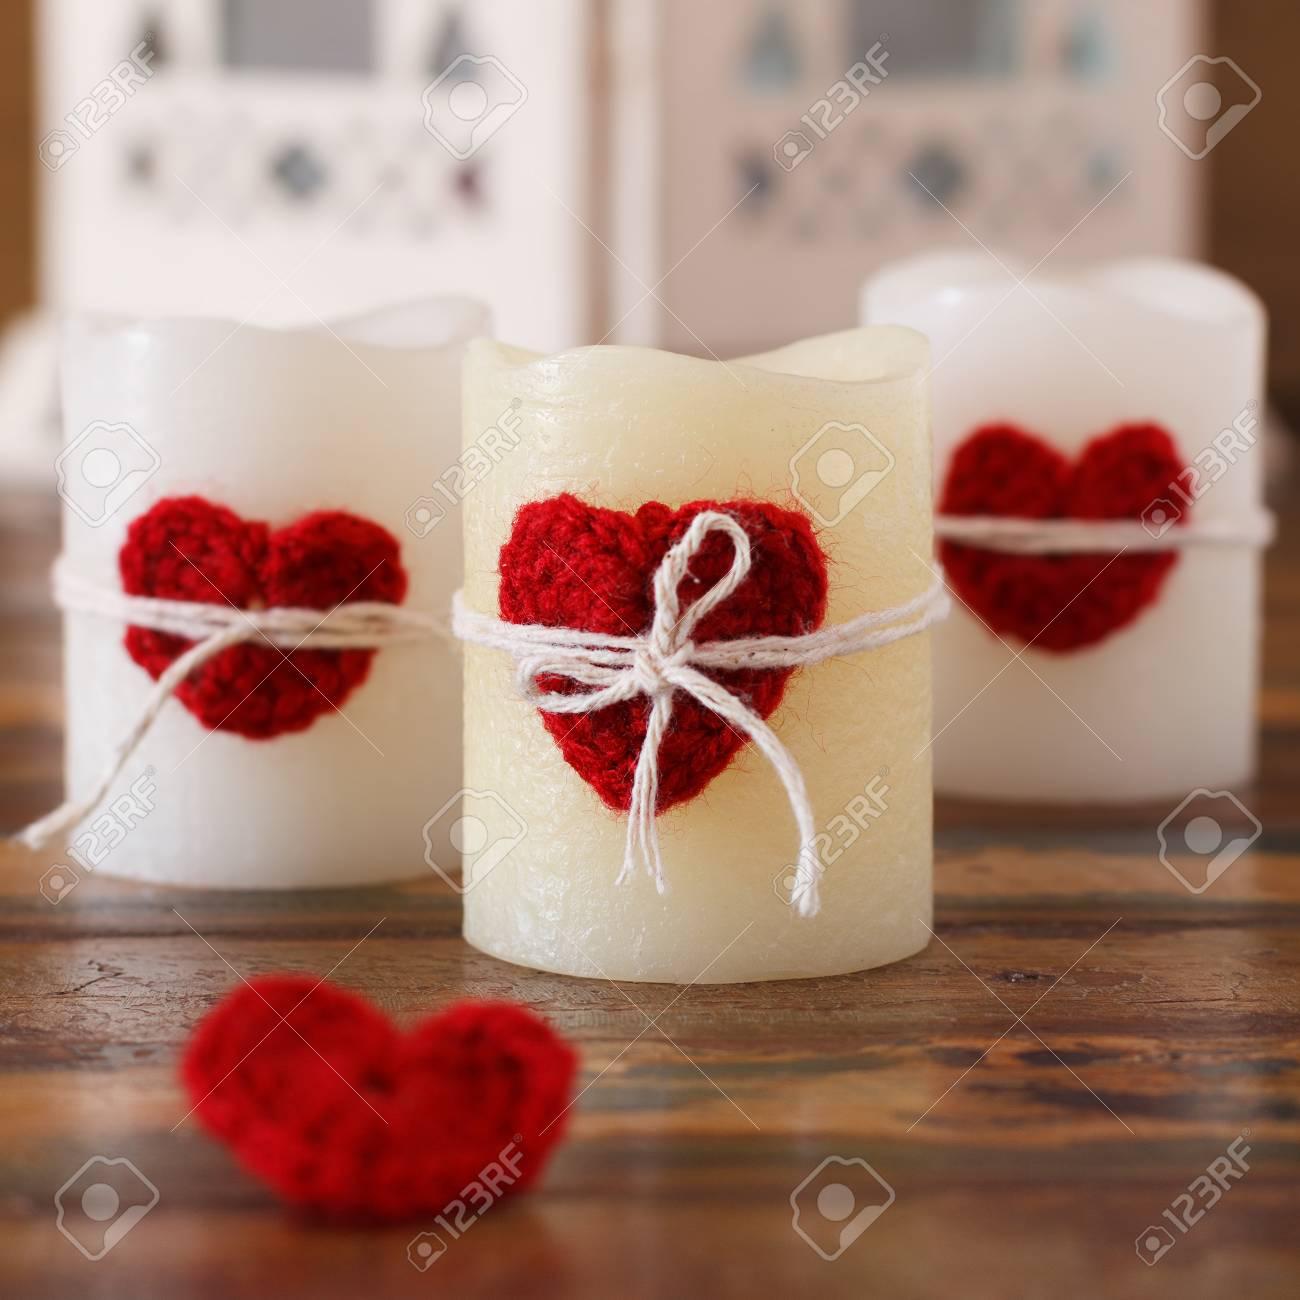 Red Häkeln Handmade Herzen Für Kerze Für St. Valentinstag ...